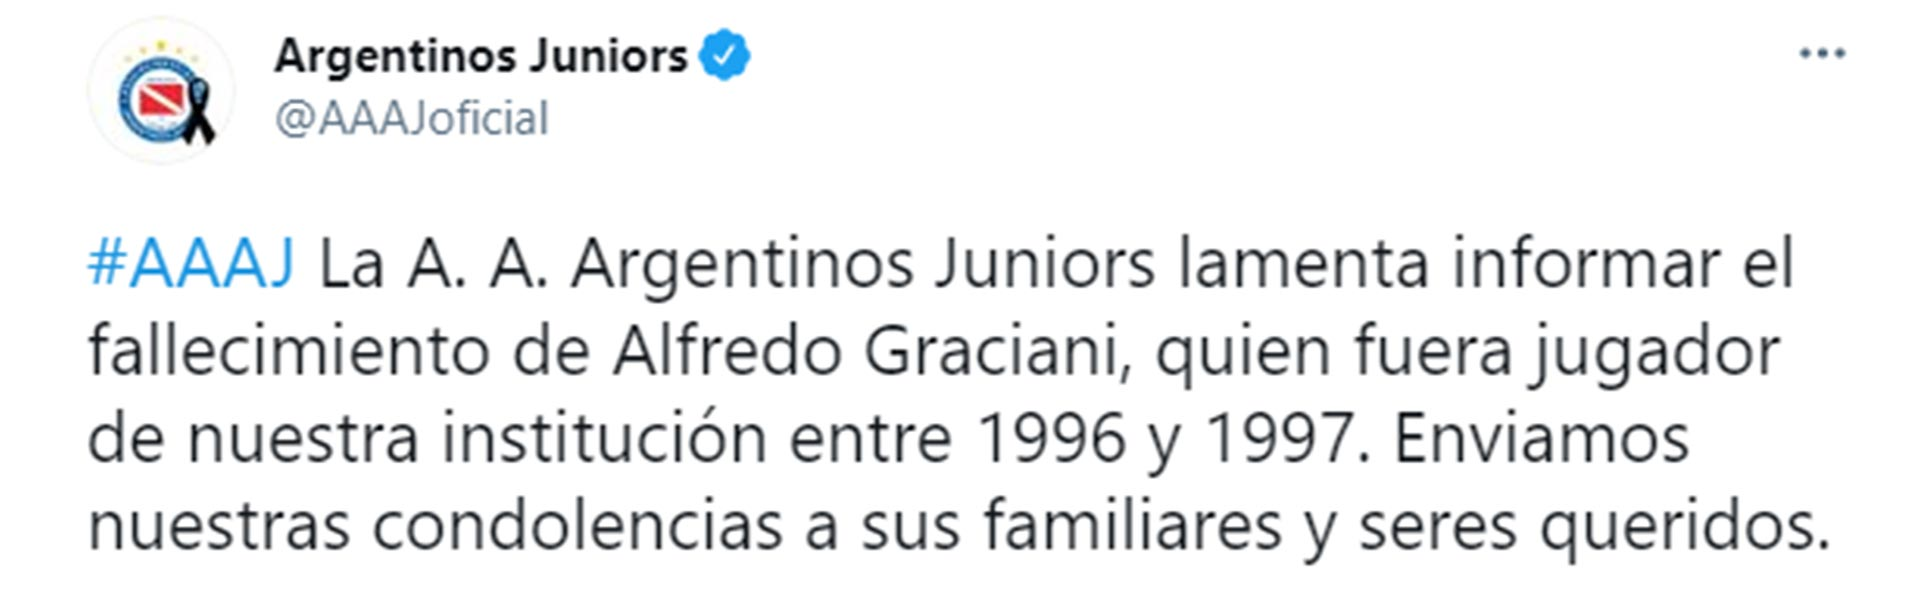 Argentinos Juniors, club en el que se desempeñó, también compartió un mensaje